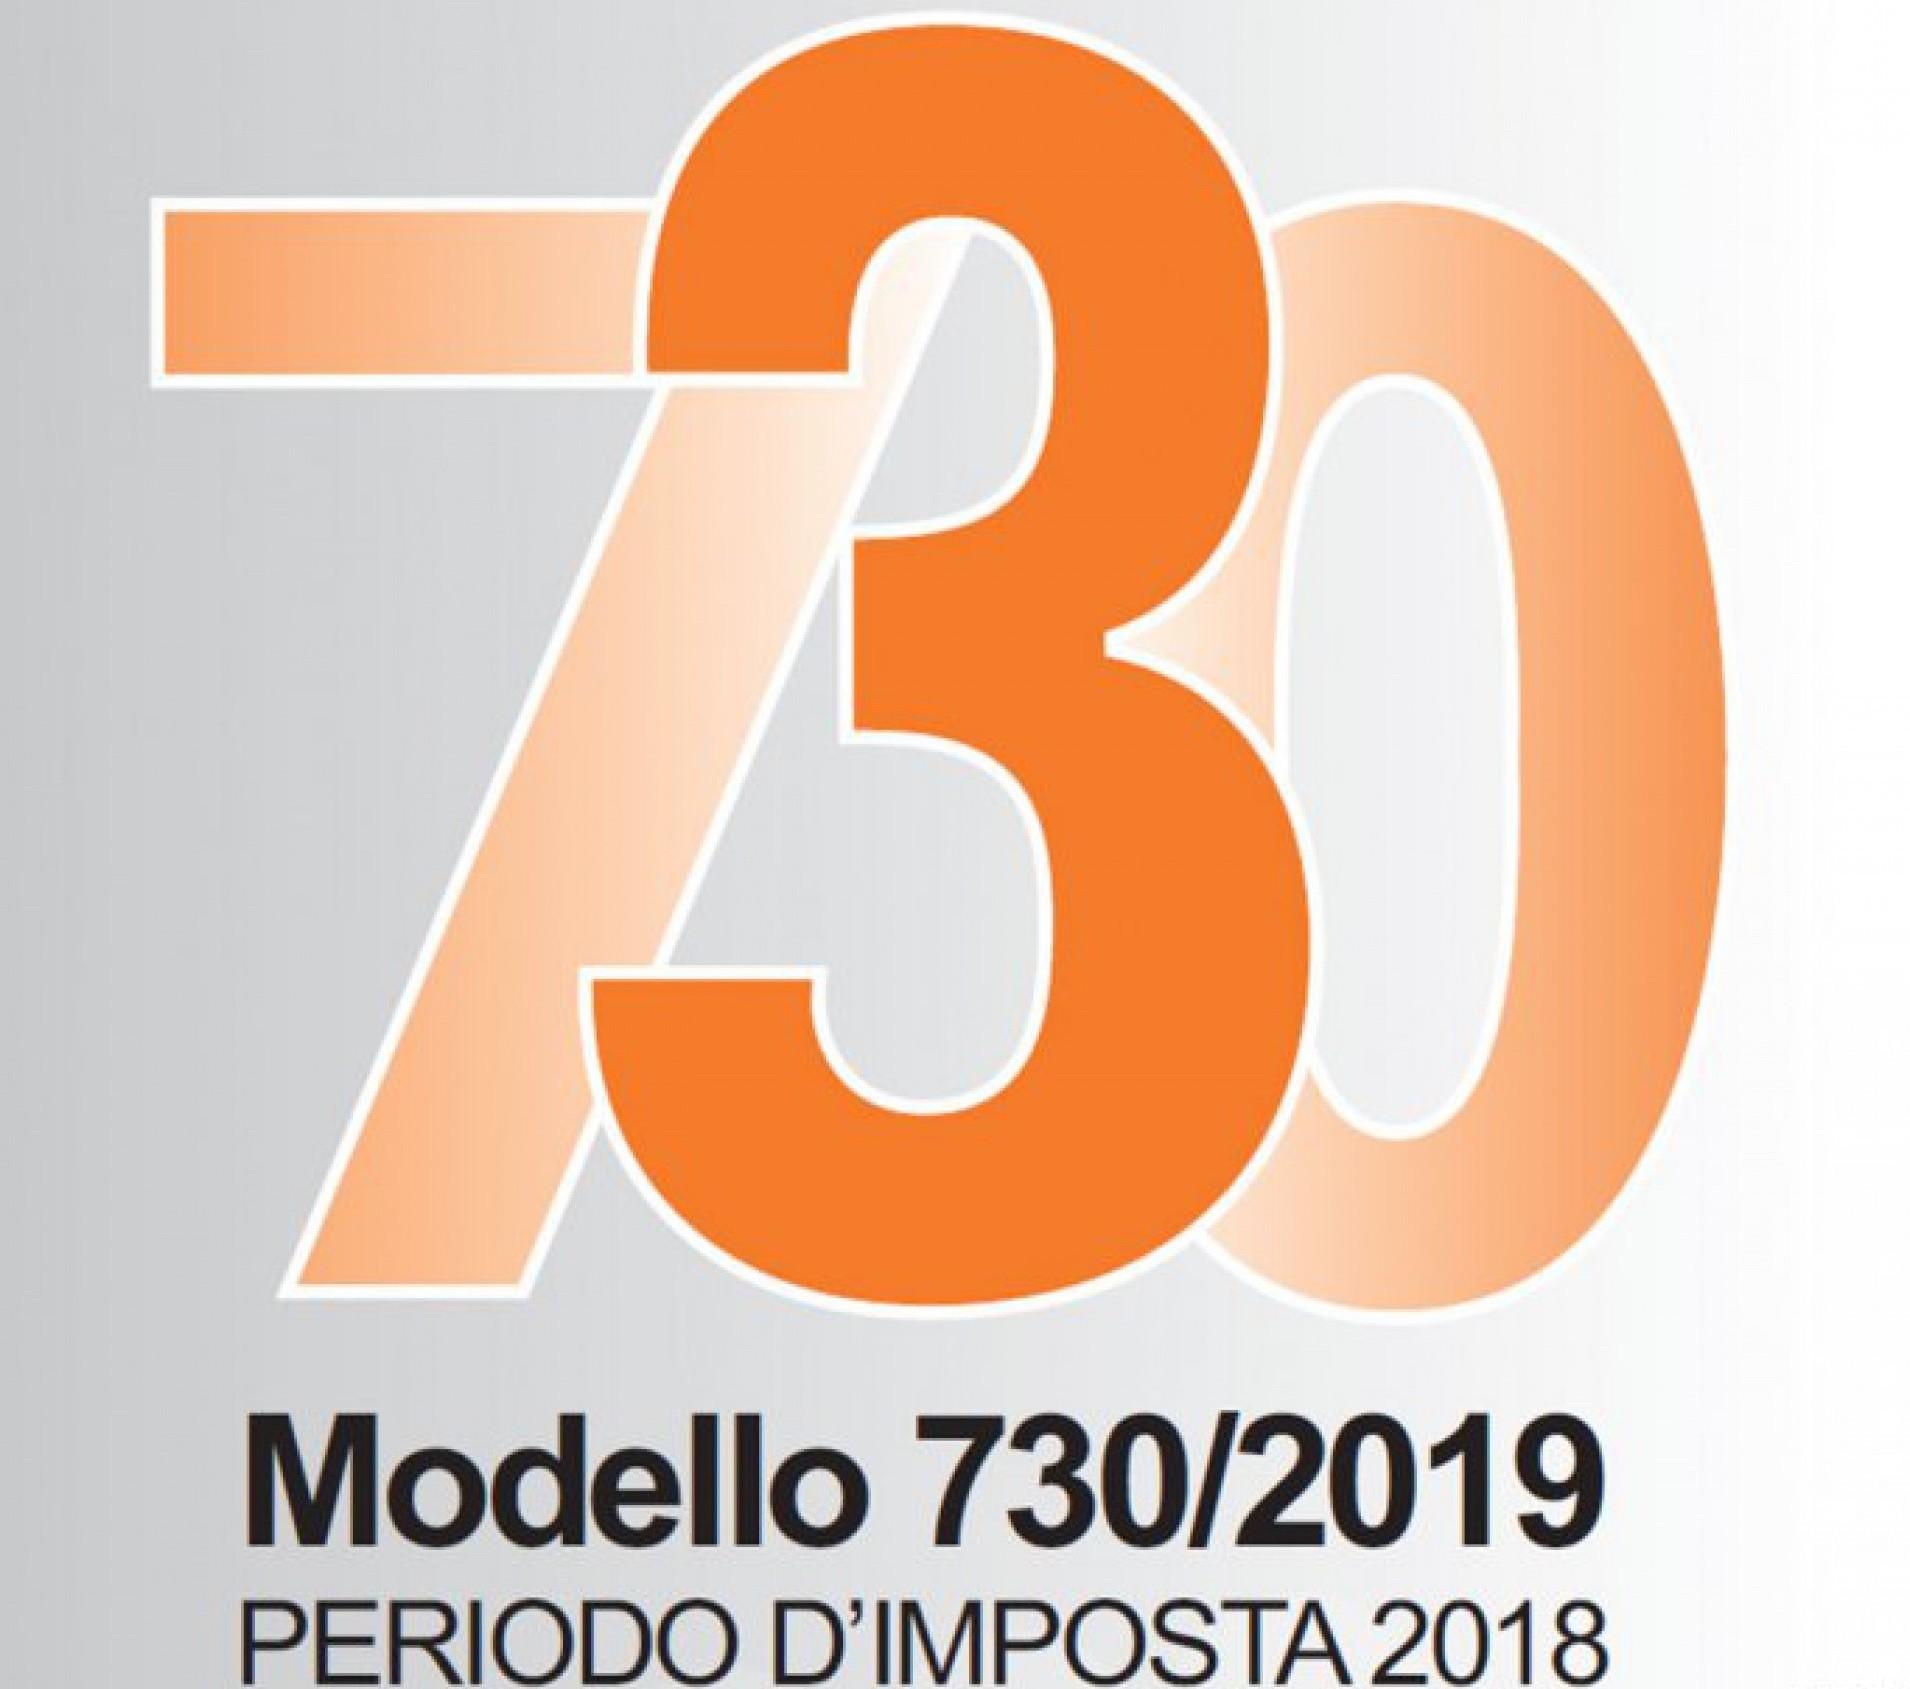 730 2019 errori come correggere se model